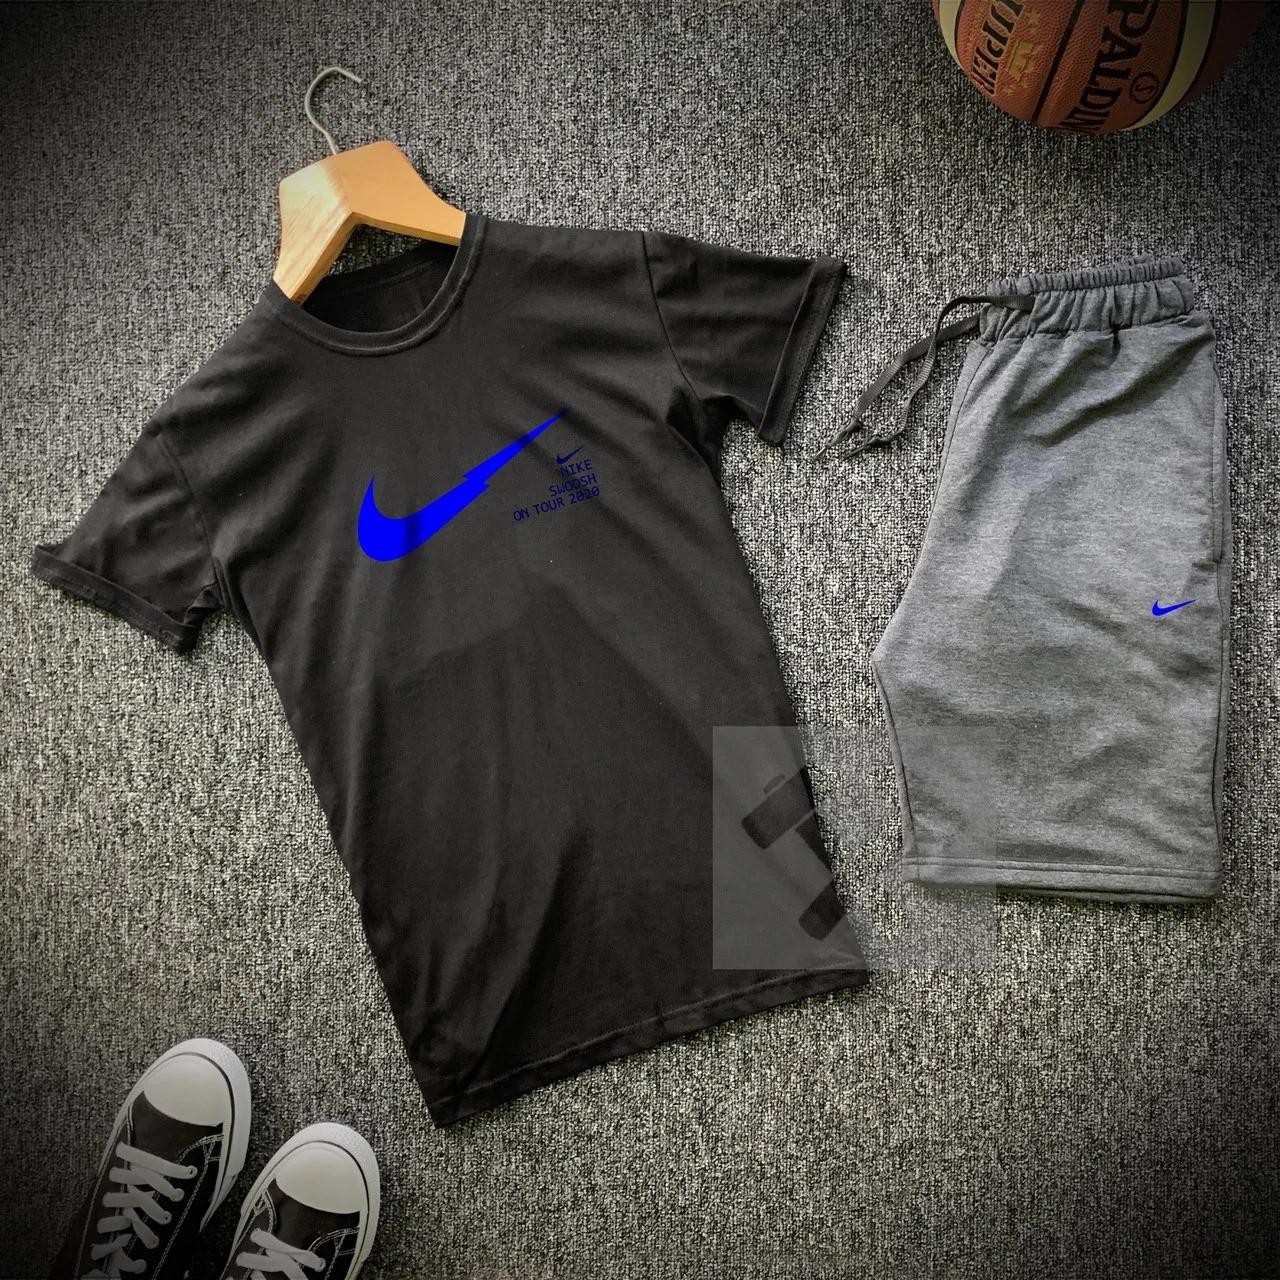 Футболка і шорти Nike чорного та сірого кольору